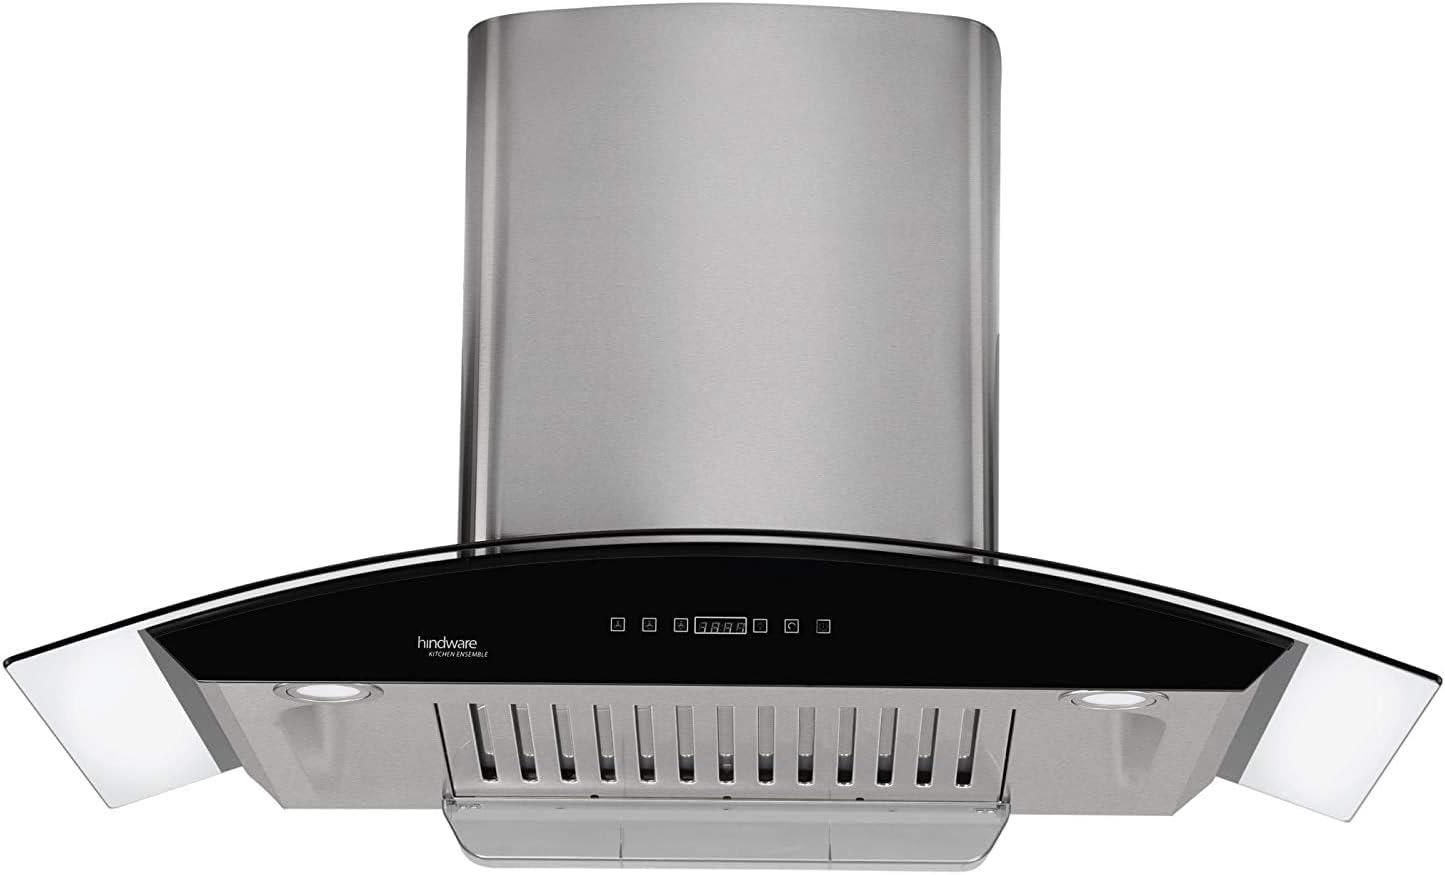 Hindware 90cm 1200 m3/hr Auto Clean Chimney (Nevio 90, 1 Baffle Filter, Steel/Grey)